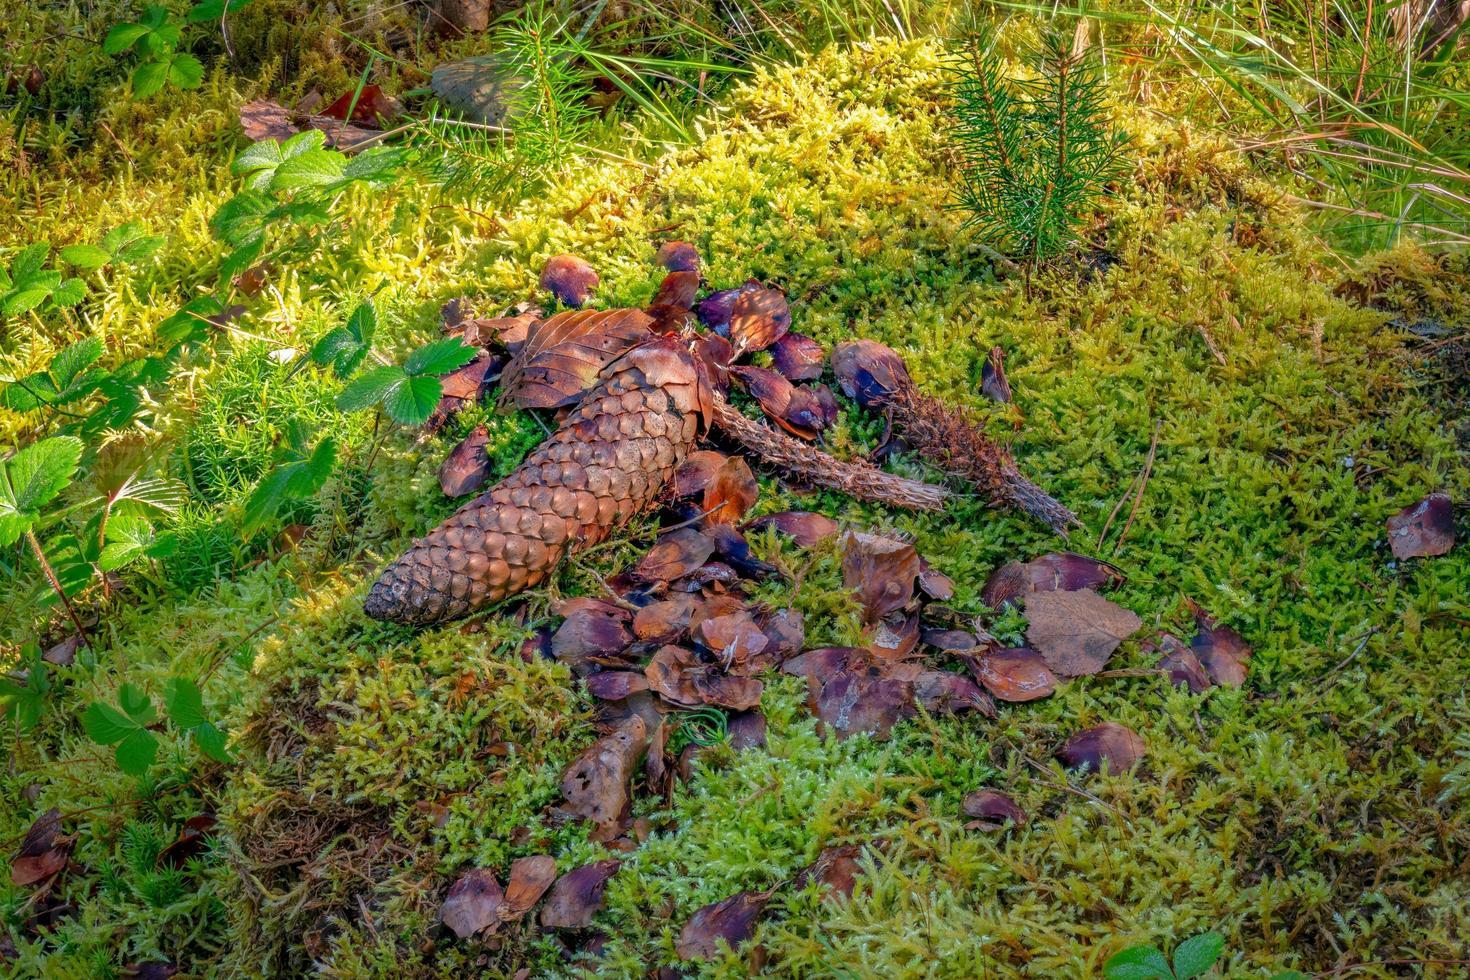 lugar de alimentación de una ardilla con conos de abeto enteros y roídos foto